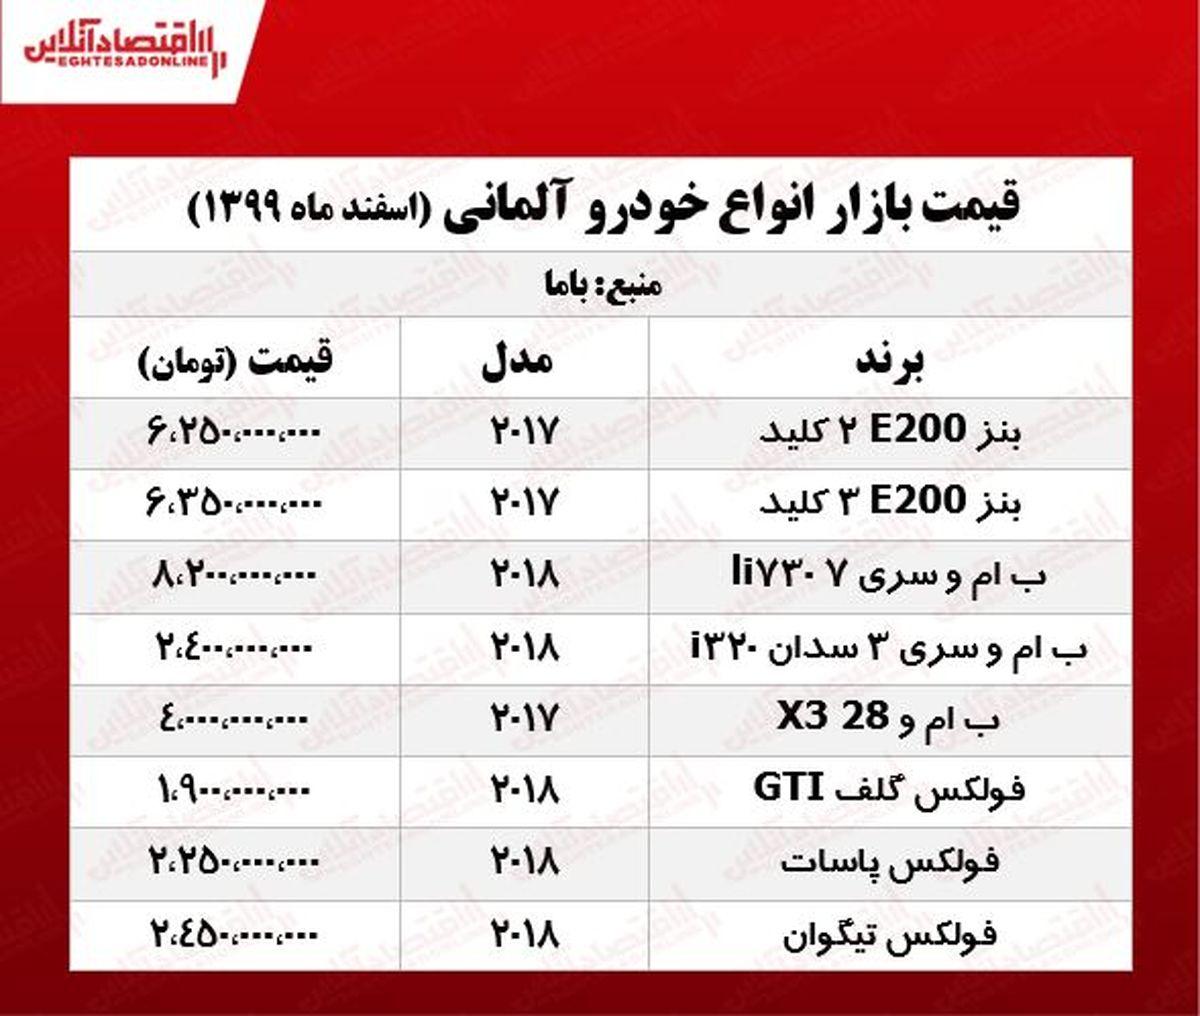 خودروهای آلمانی در تهران چند؟ +جدول